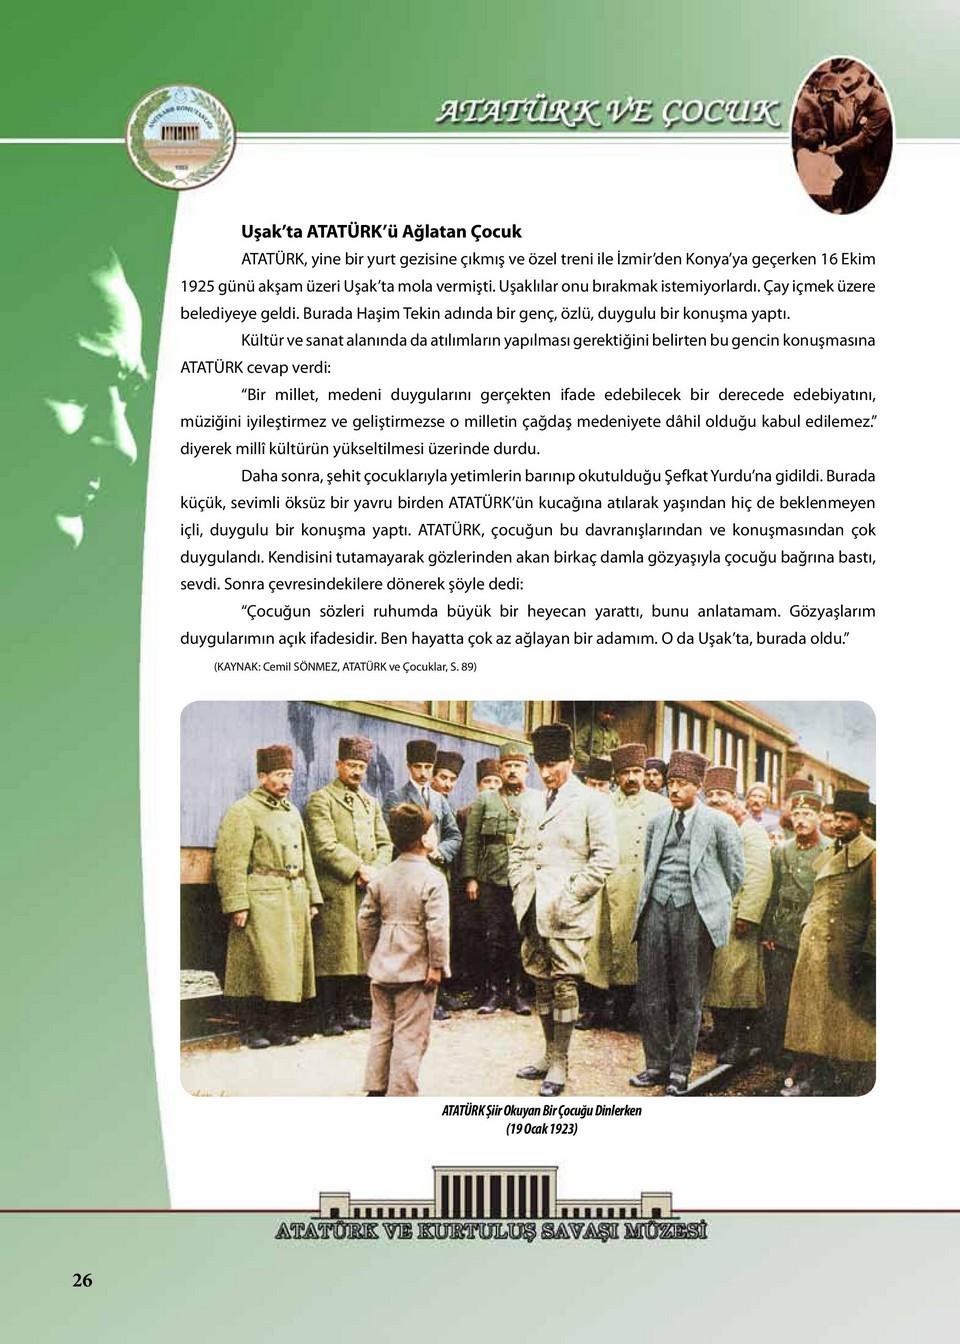 ataturkvecocuk-page-028